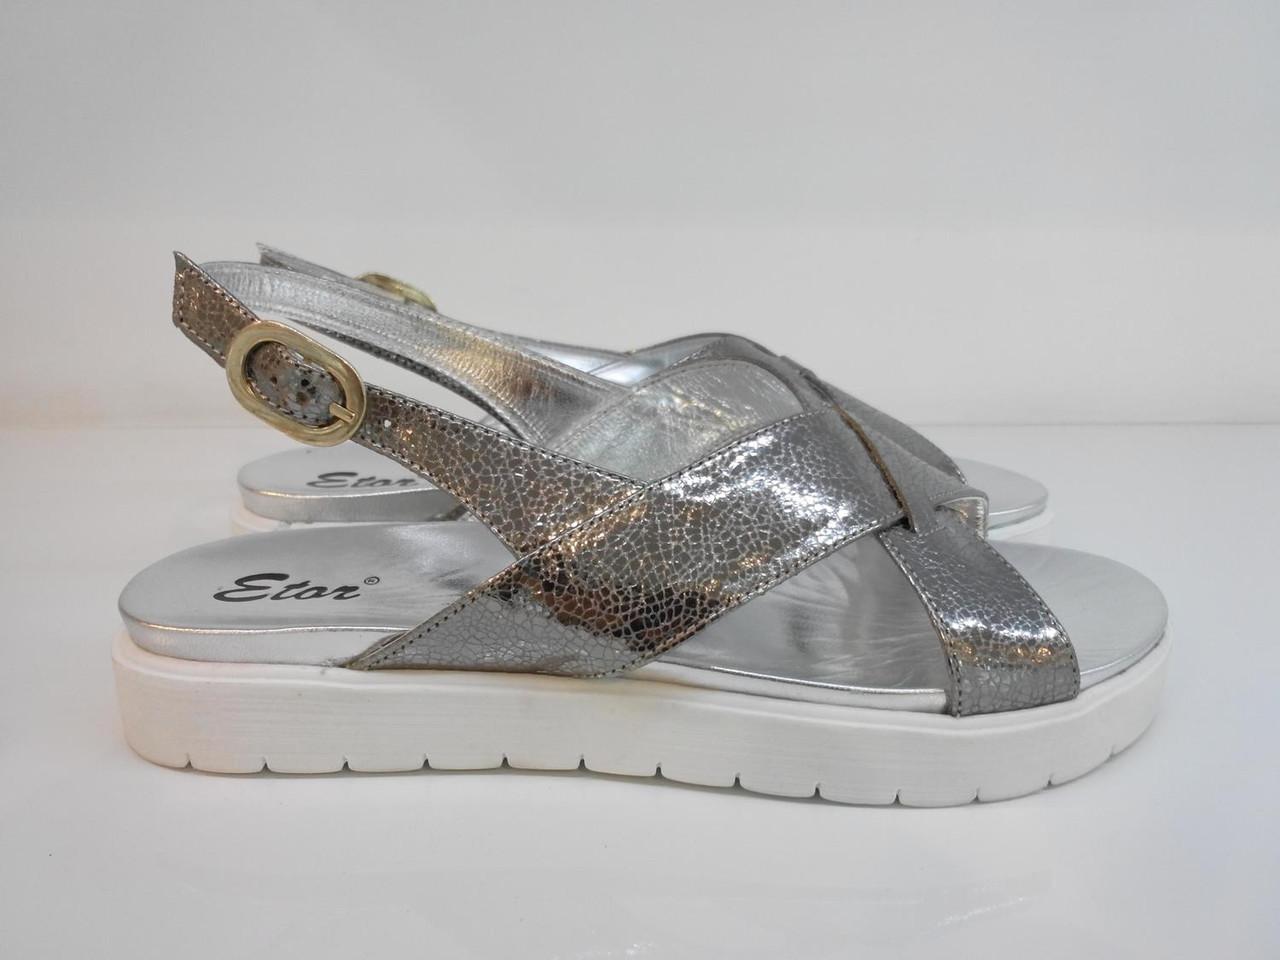 Босоніжки Etor 5358-56153-2 сріблясті